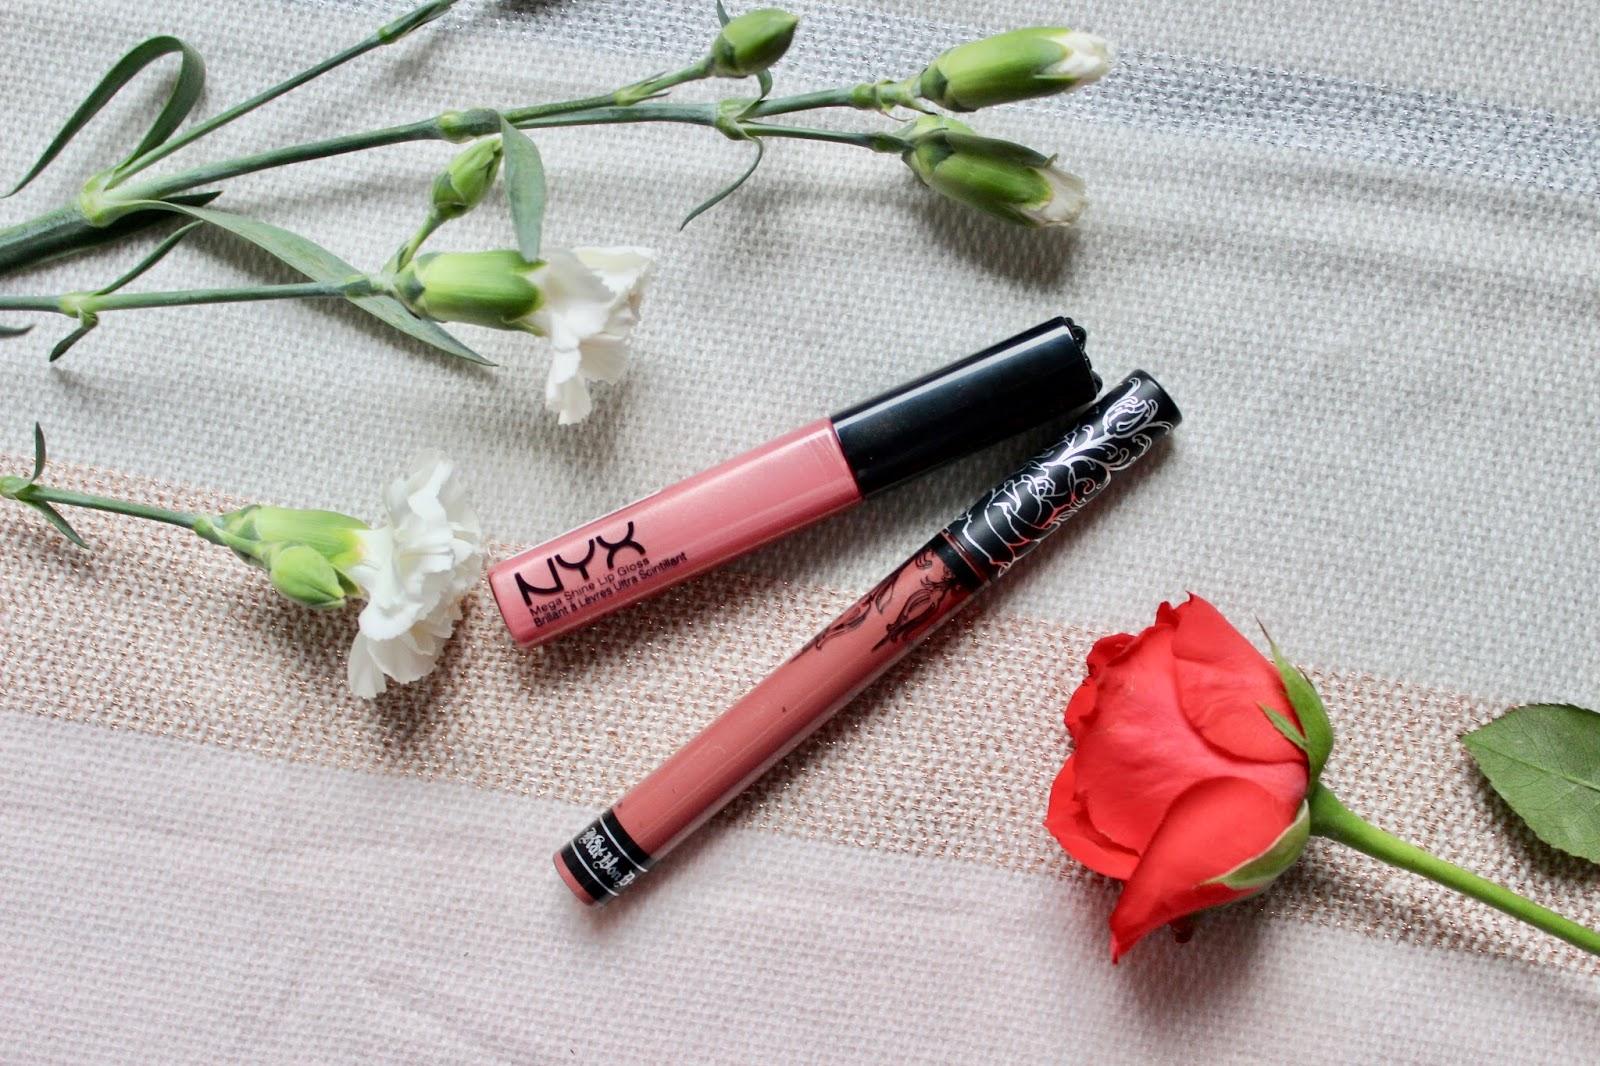 Kat von D everlasting liquid lipstick Lolita and NYX lipgloss